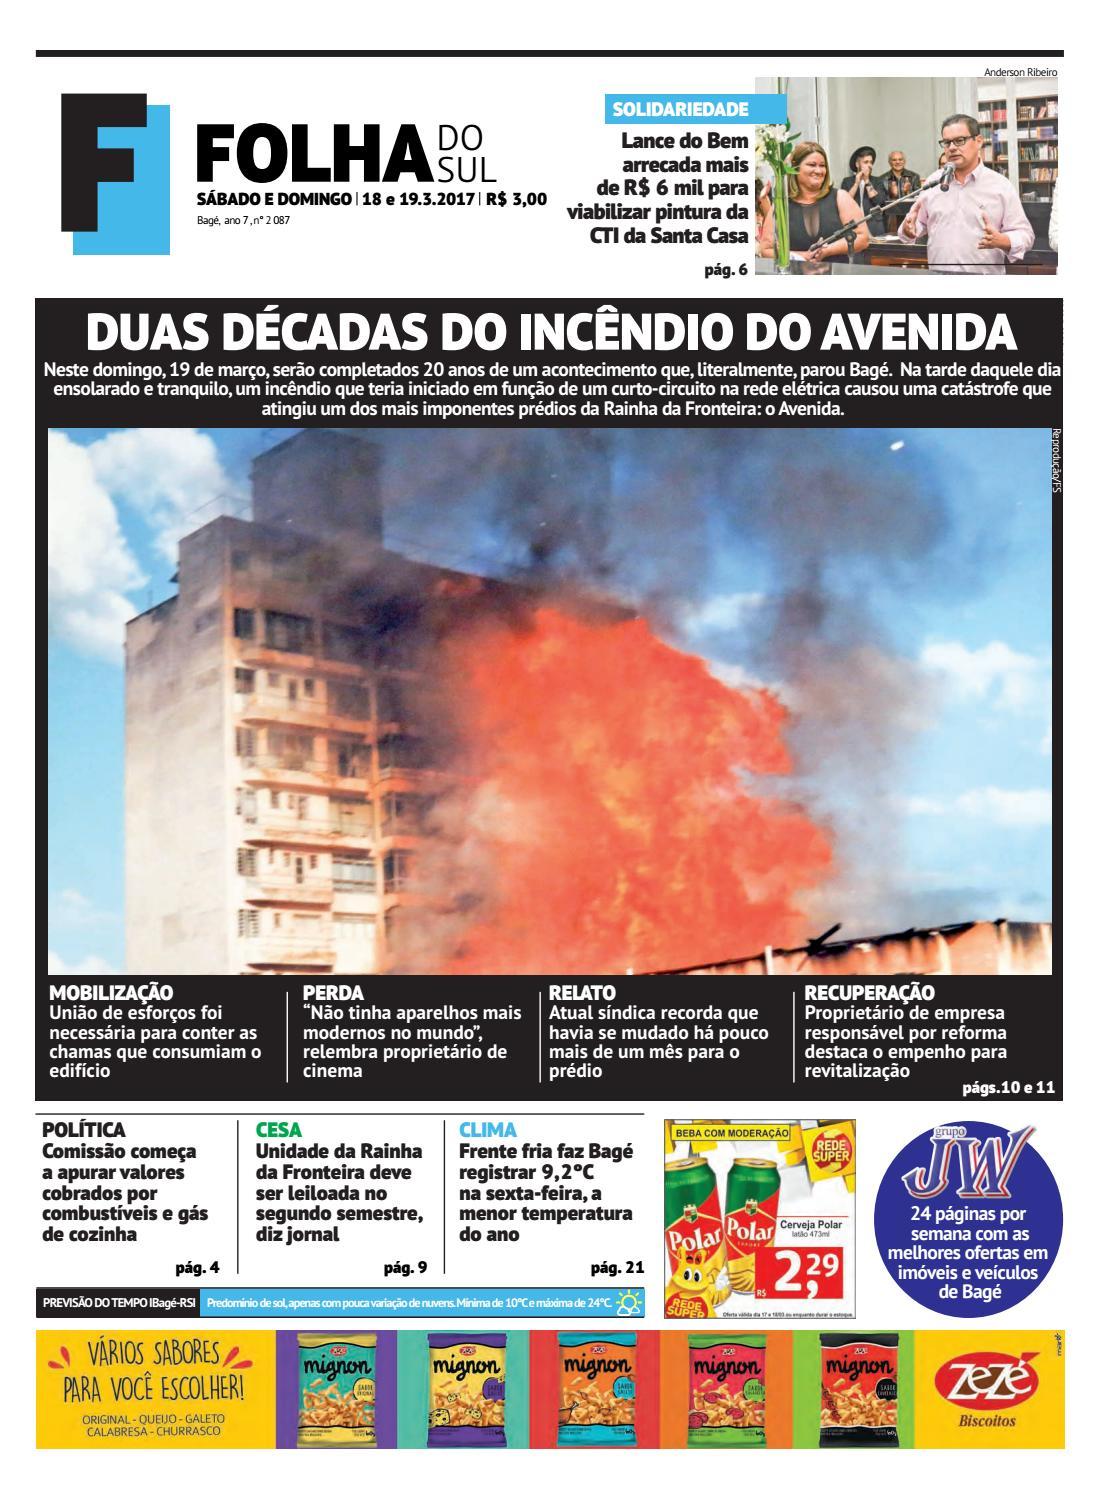 Jornal Folha do Sul, 18 e 19 de março de 2017 by Folha do Sul Gaúcho - issuu 43ff5fa965